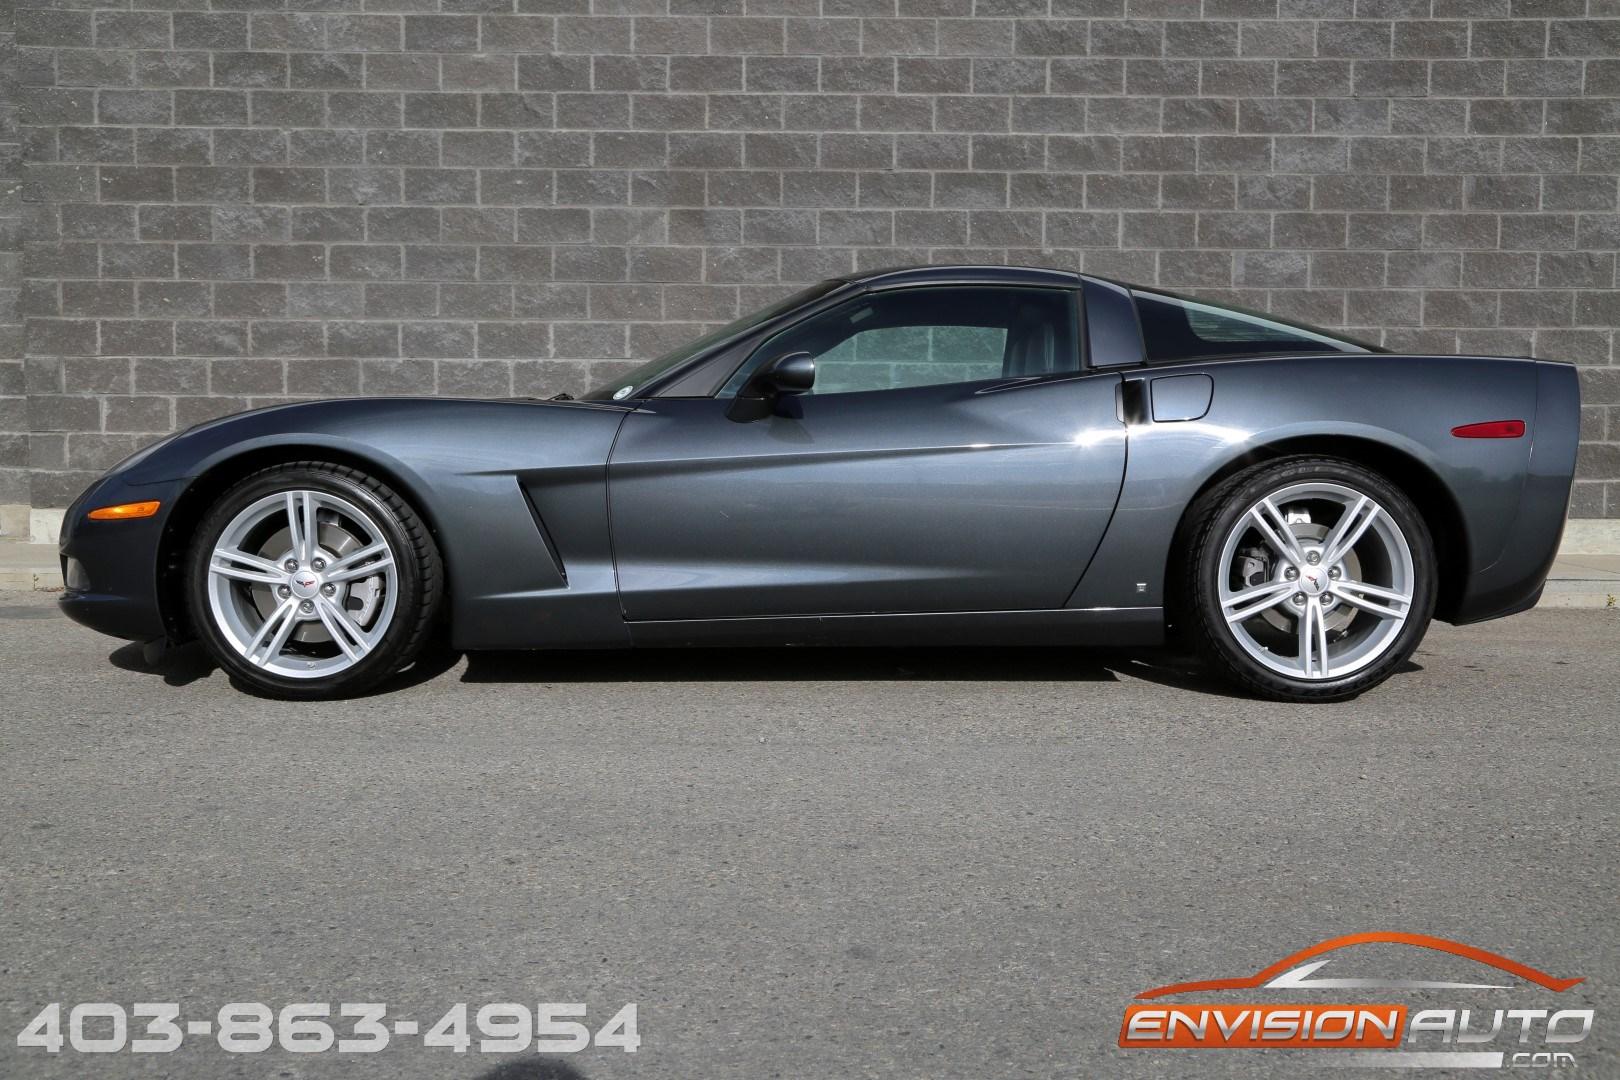 2009 Chevrolet Corvette Coupe 3lt Envision Auto